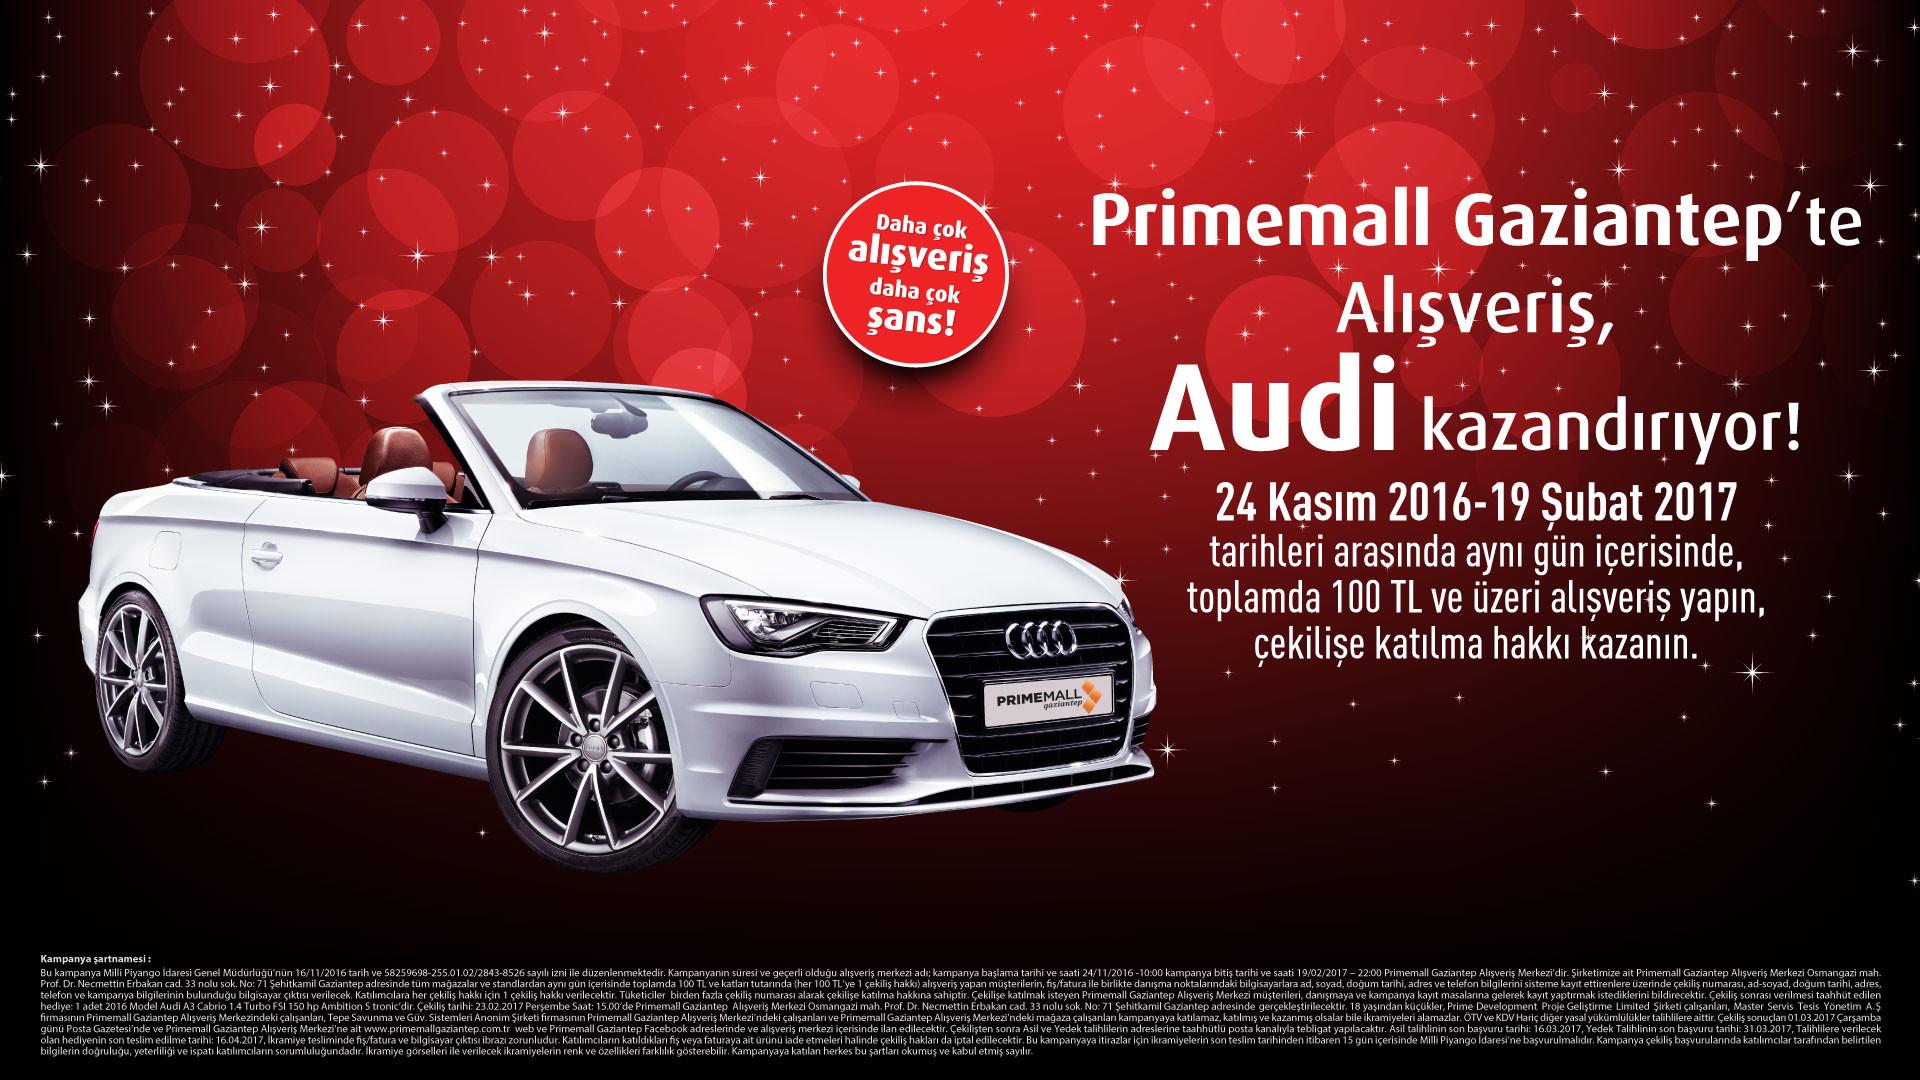 Primemall Gaziantep'te Alışveriş, Audi Kazandırıyor!